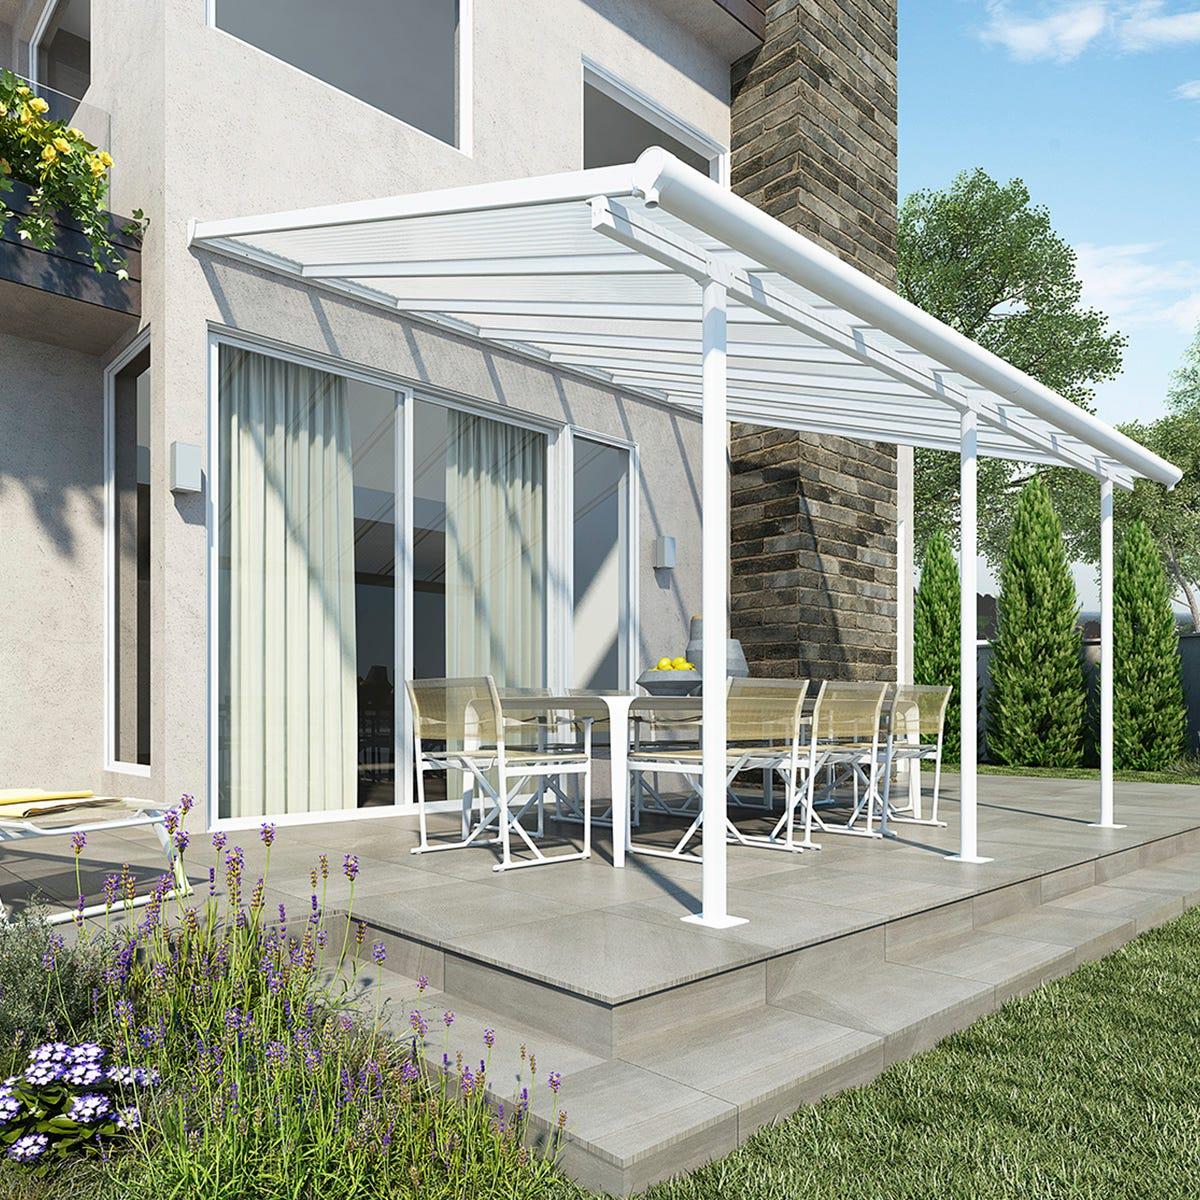 Palram - Canopia Sierra Patio Cover 3m x 4.25m - White Clear